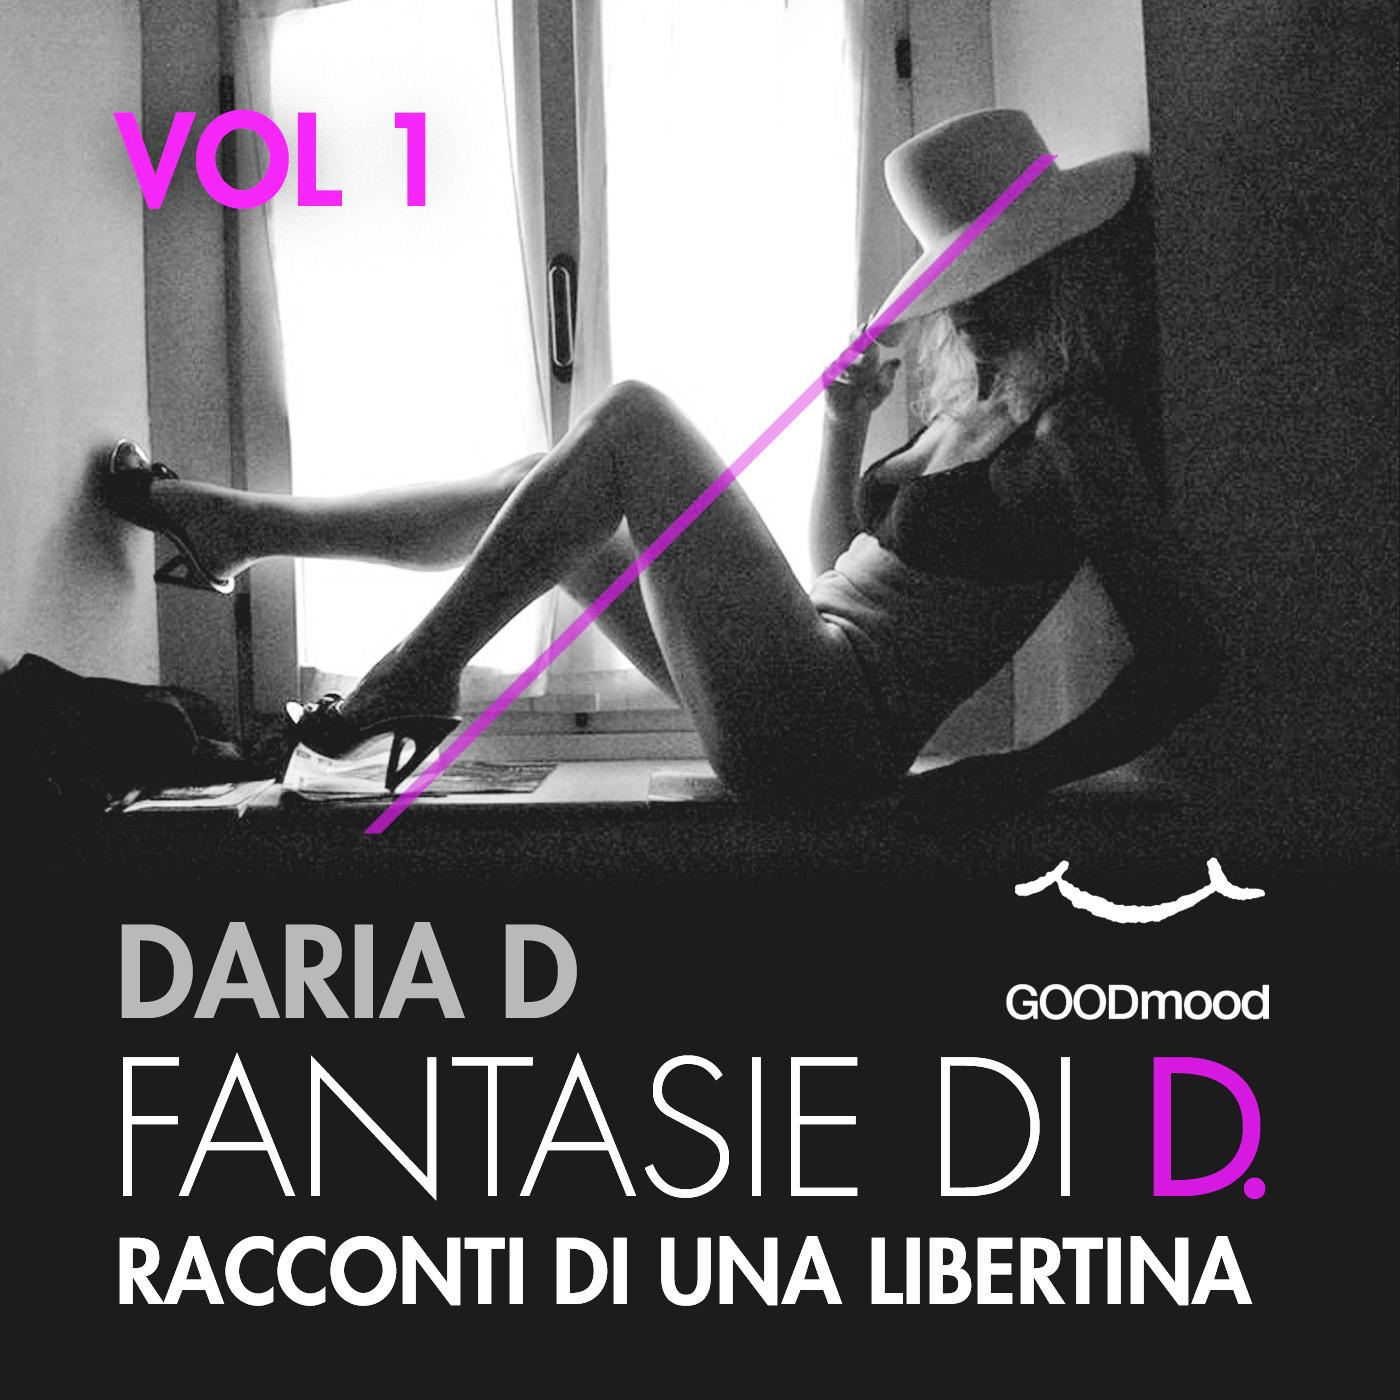 Fantasie di D - Racconti di una libertina. Vol.1-0